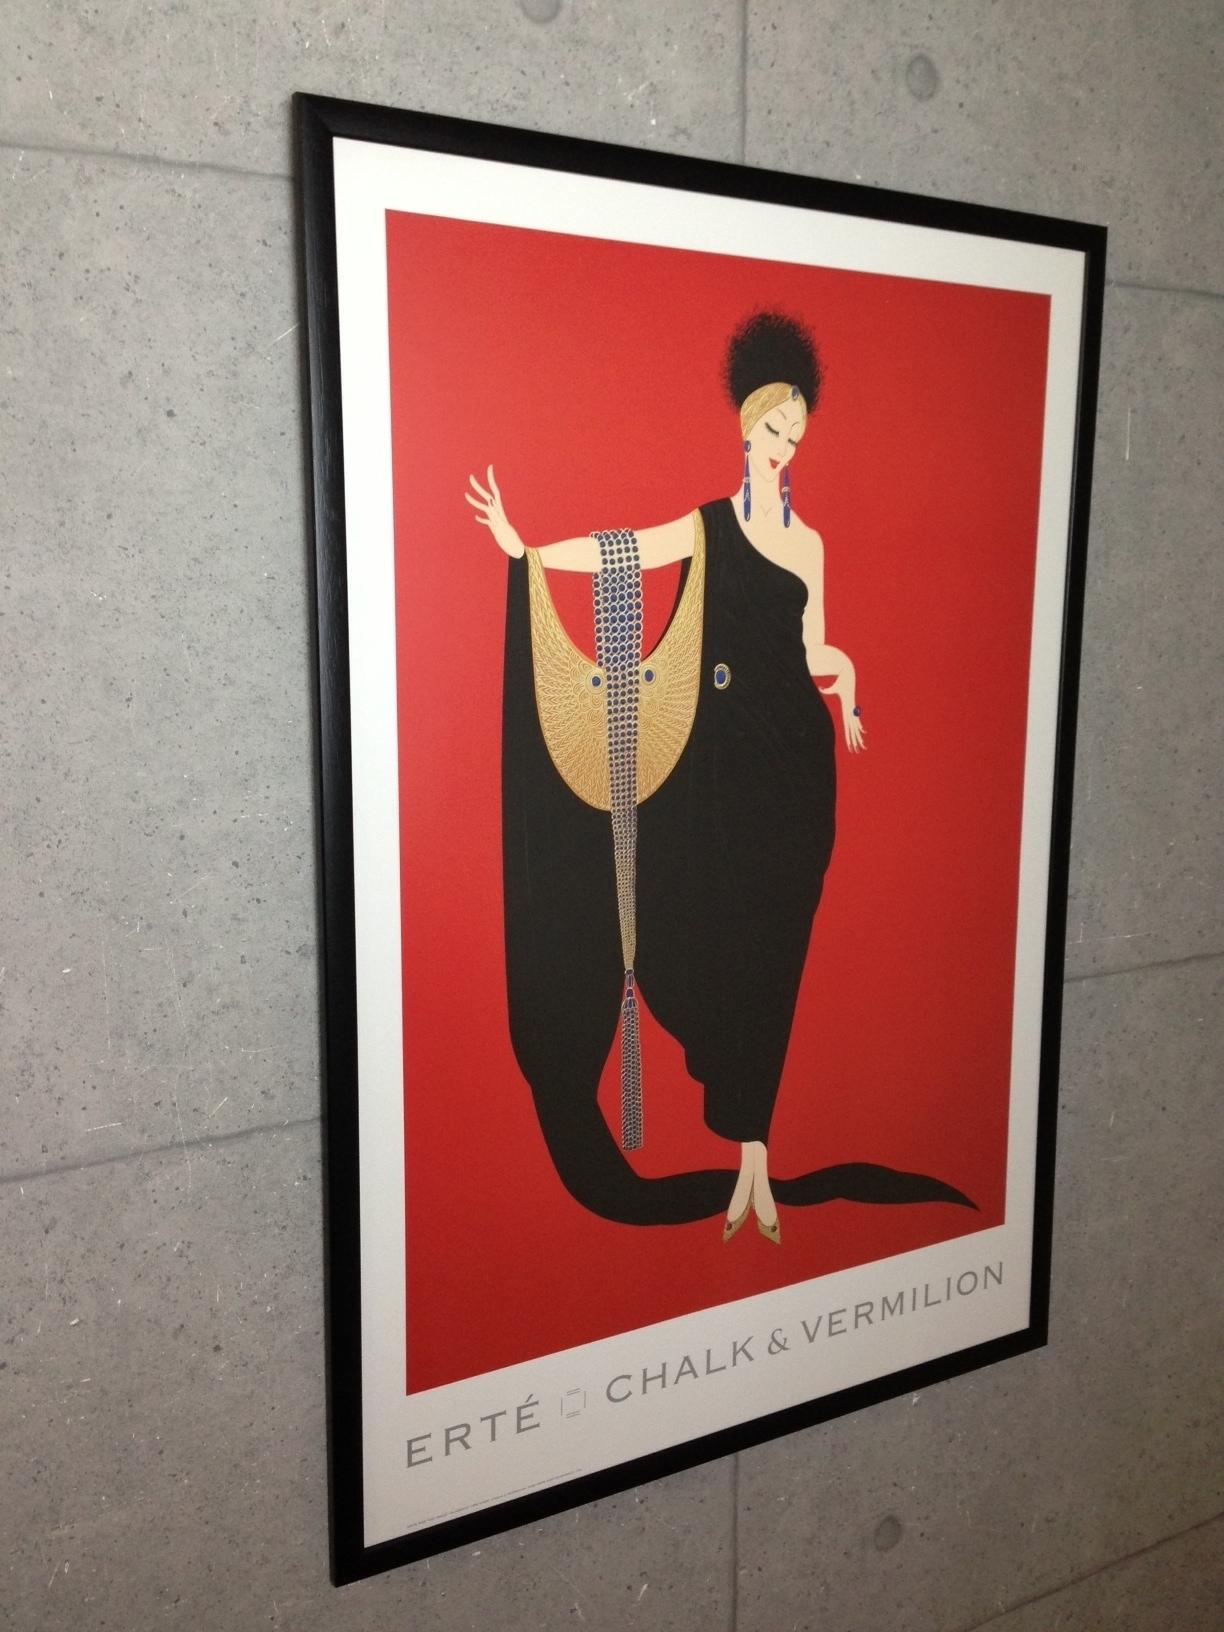 Glamour 1997(エルテ ロマン ド ディルトフ)